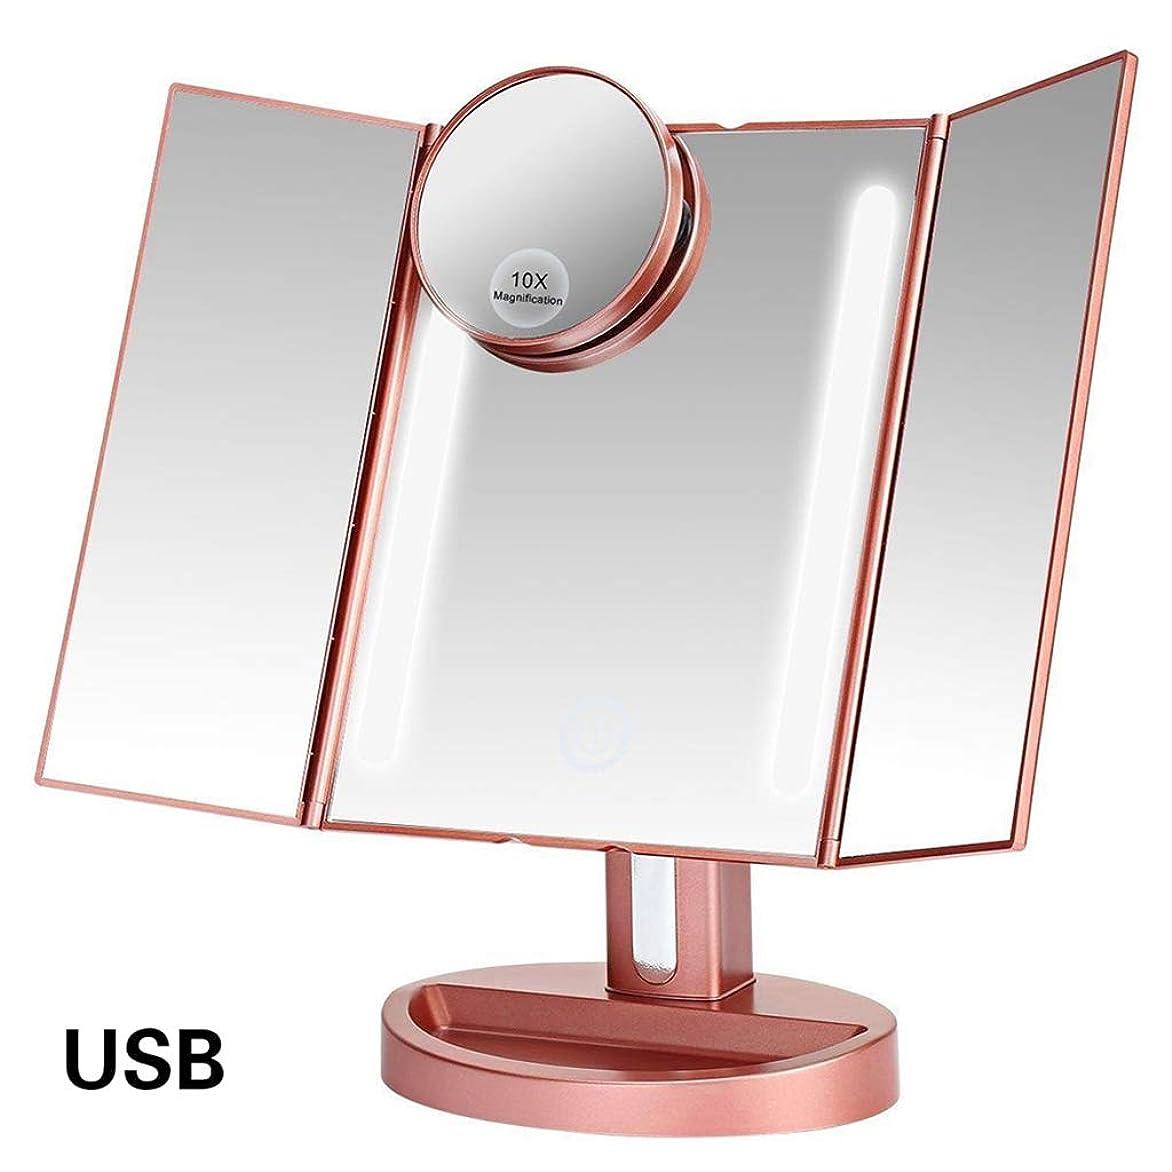 暗黙剃るおじさん10倍拡大鏡メイクアップミラーLEDライトタッチコントロール3つ折り180°調節可能なポータブルホームドミトリーに適しています